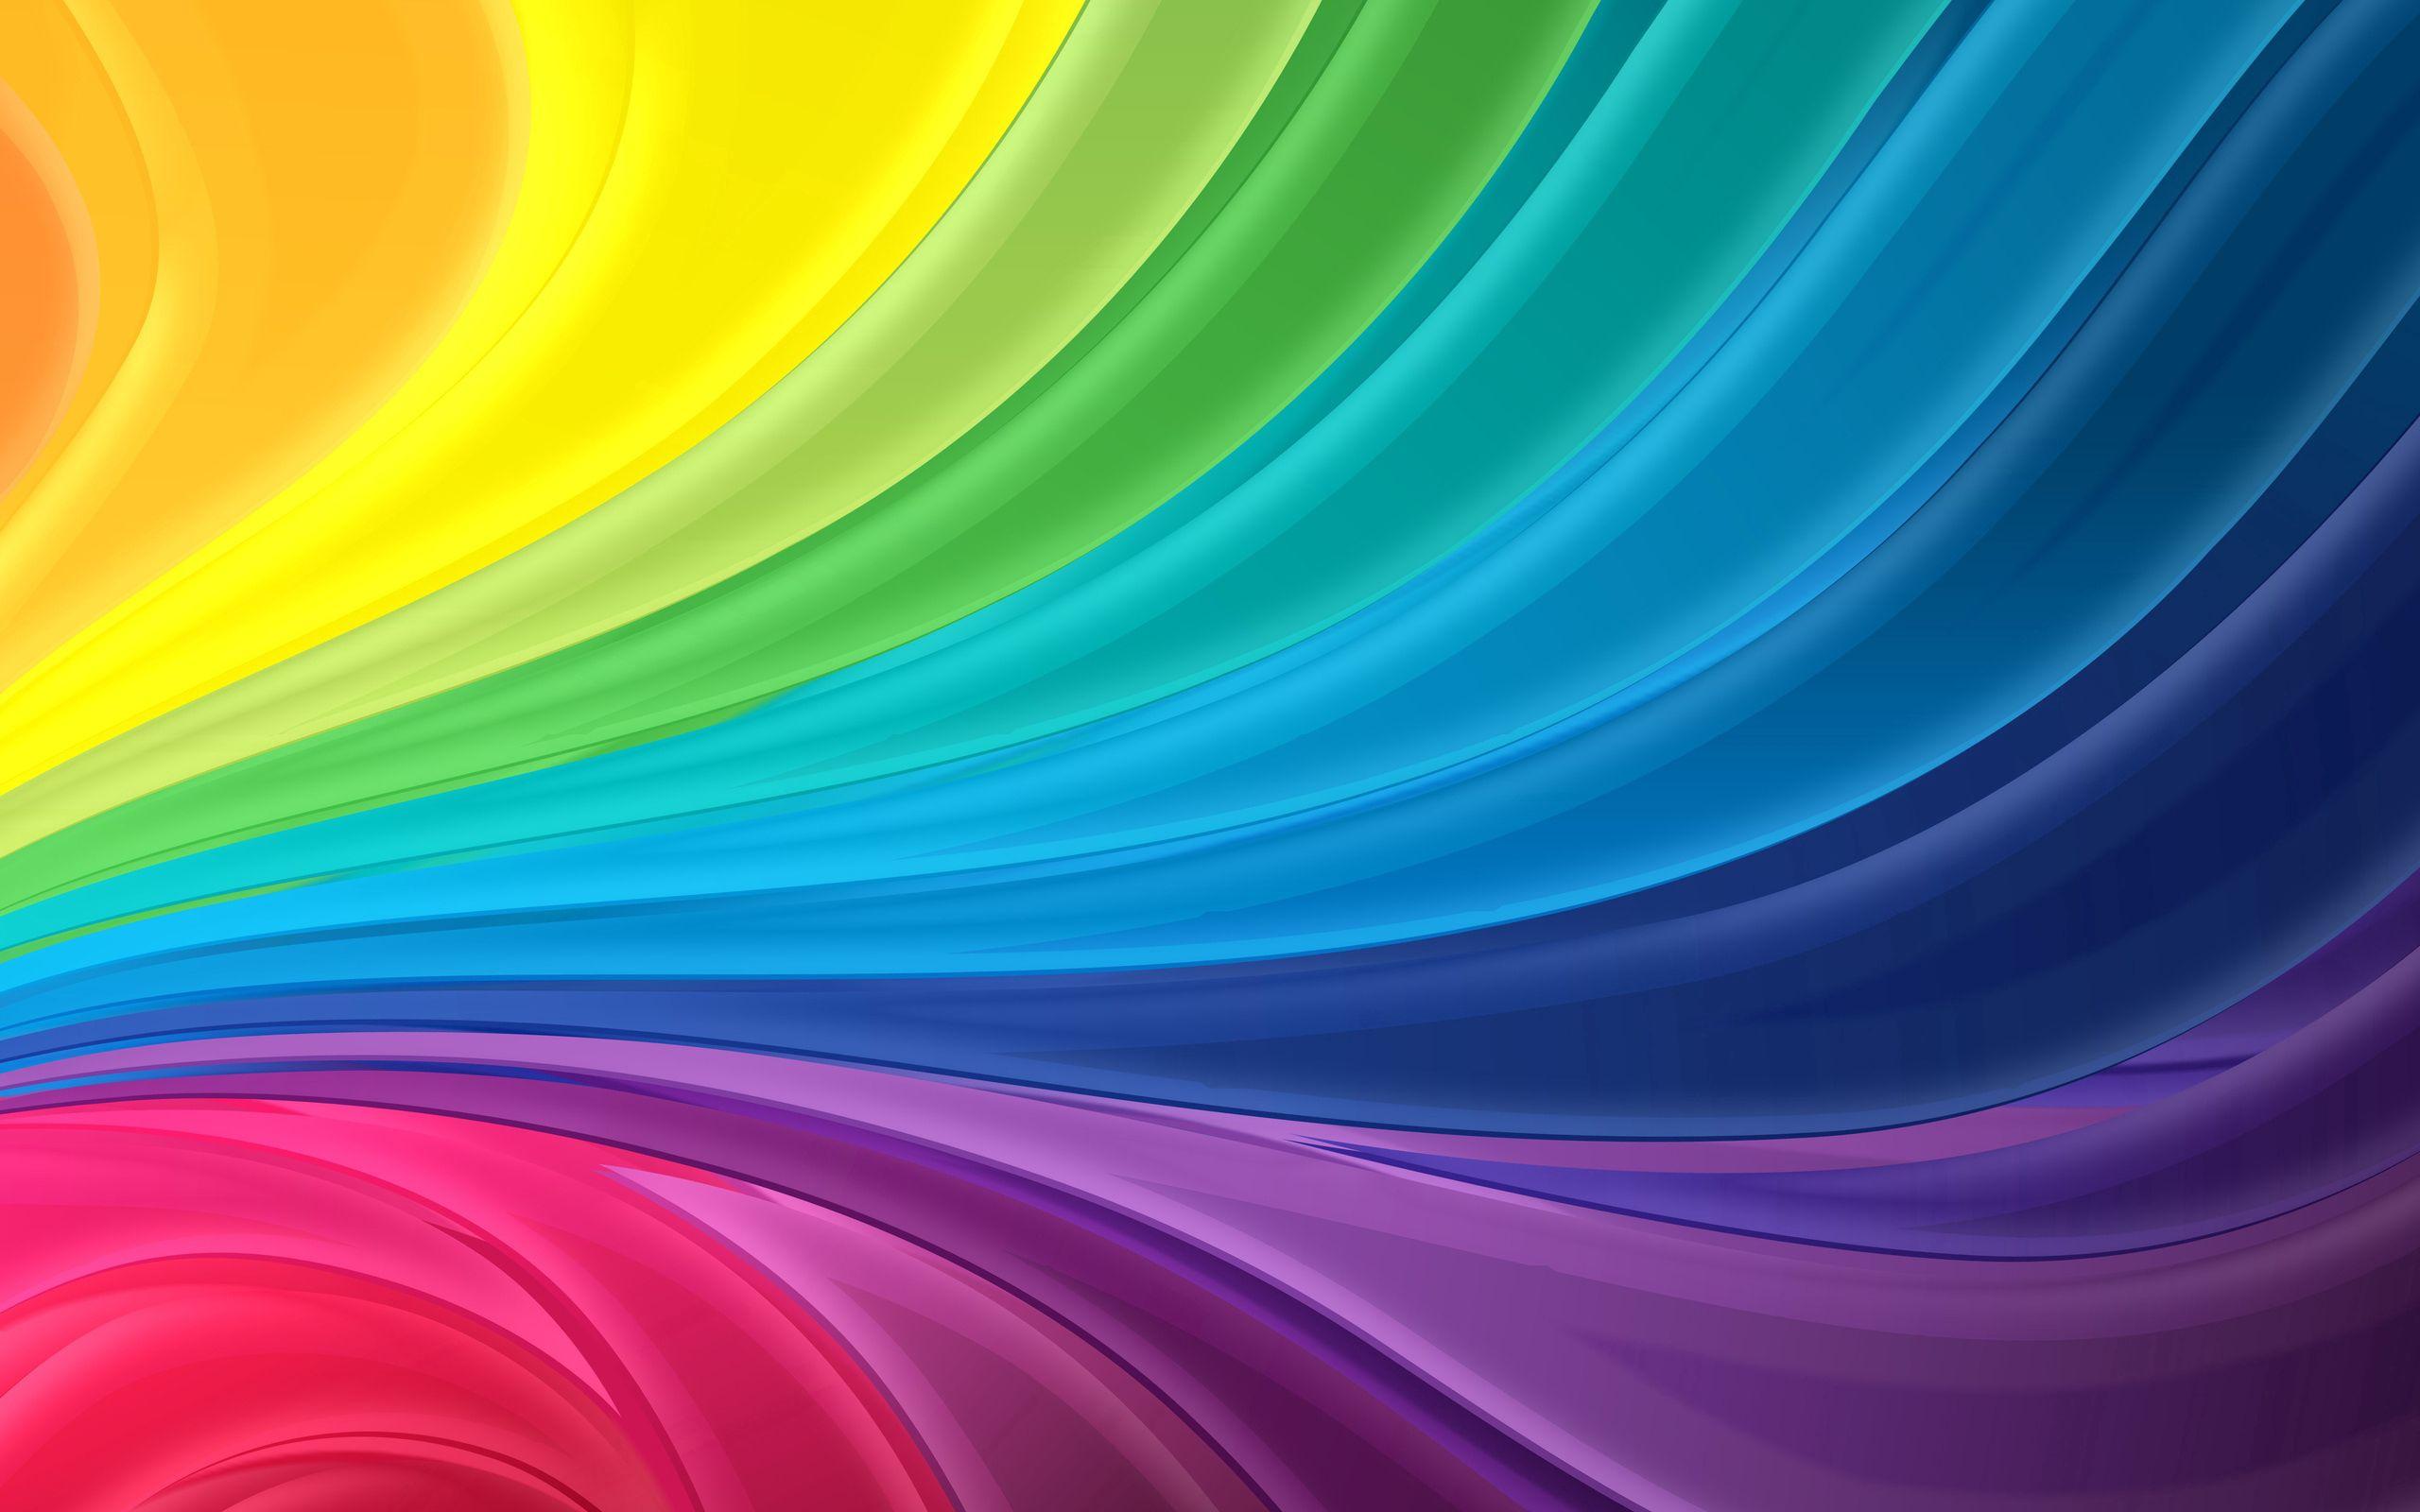 136751 descargar fondo de pantalla Abstracción, Arcoíris, Iridiscente, Líneas, Lineas, Brillar, Luz, Vistoso, Colorido: protectores de pantalla e imágenes gratis